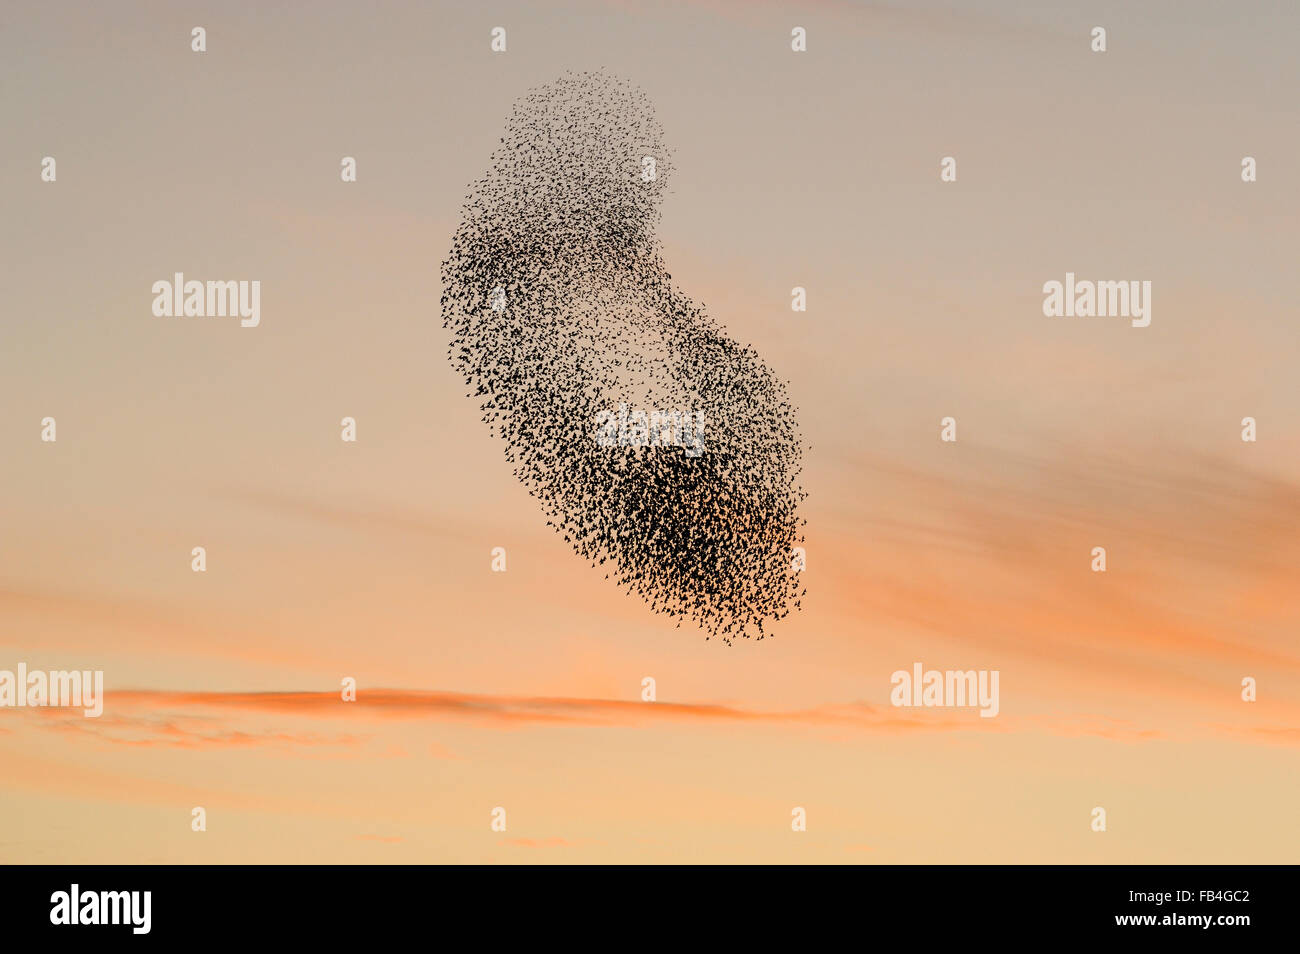 Starling strömen (Sturnus Vulgaris) bei Sonnenuntergang, in den Himmel, die durch Anwesenheit von Raubtieren, Stockbild